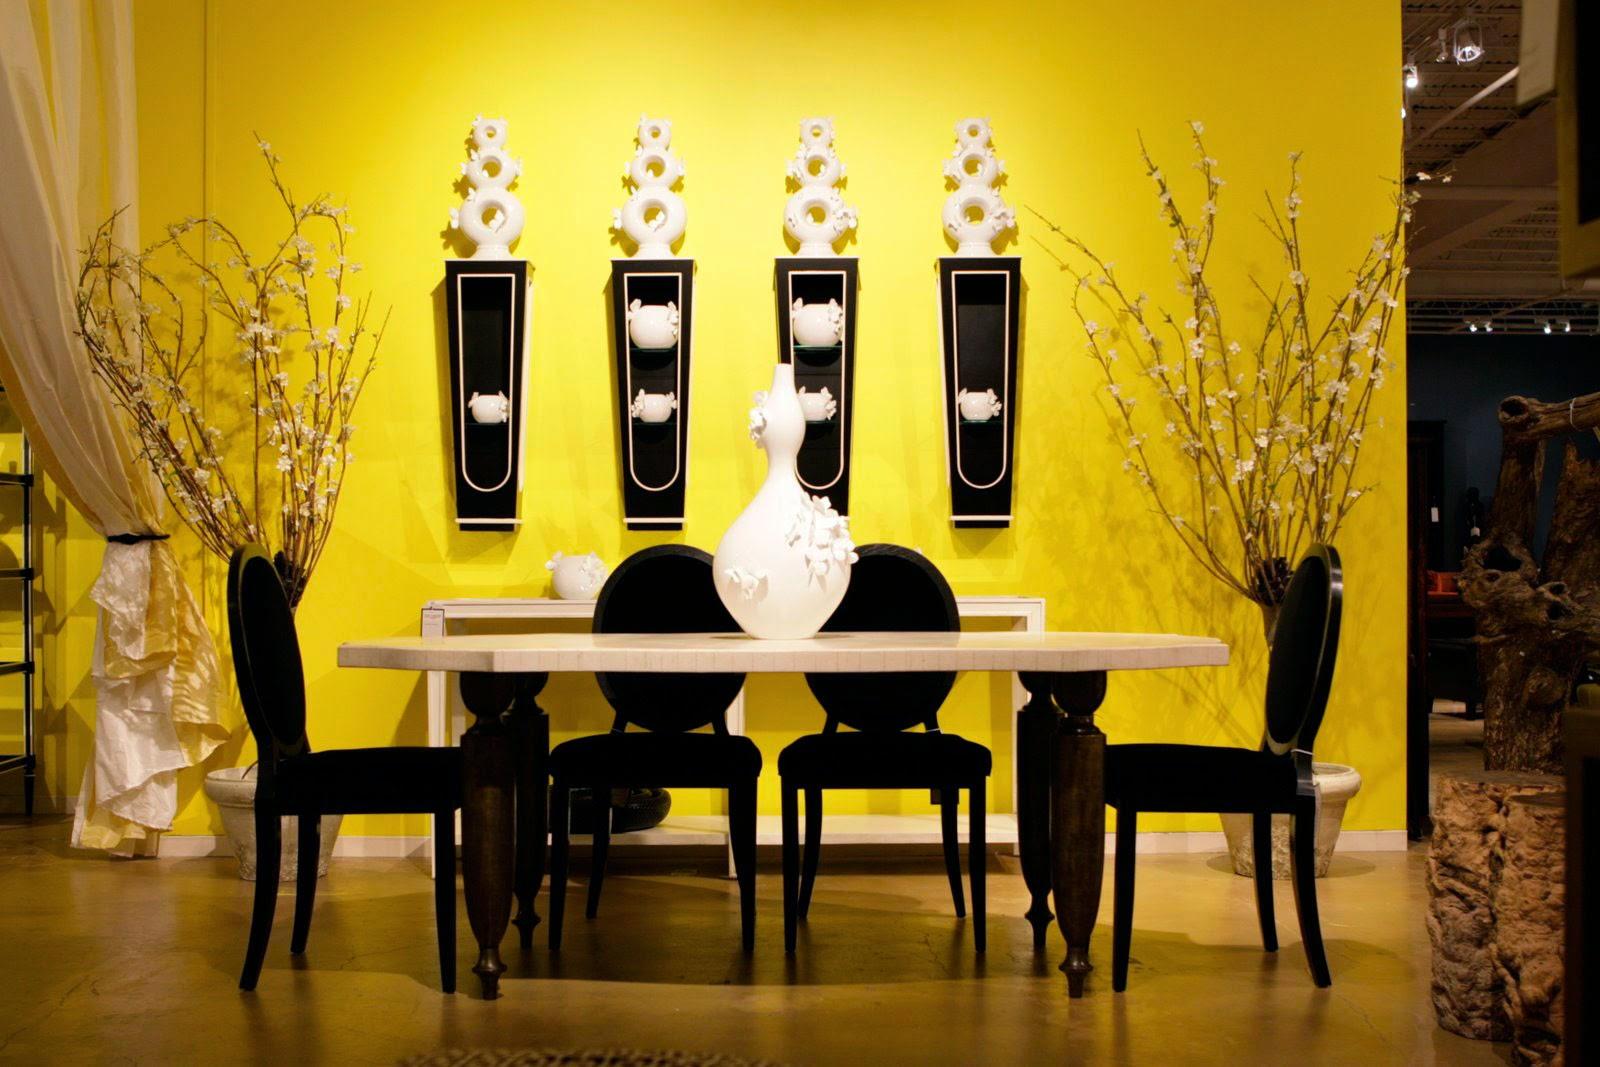 House-Minimalist-By-Room-Dining-Minimalist